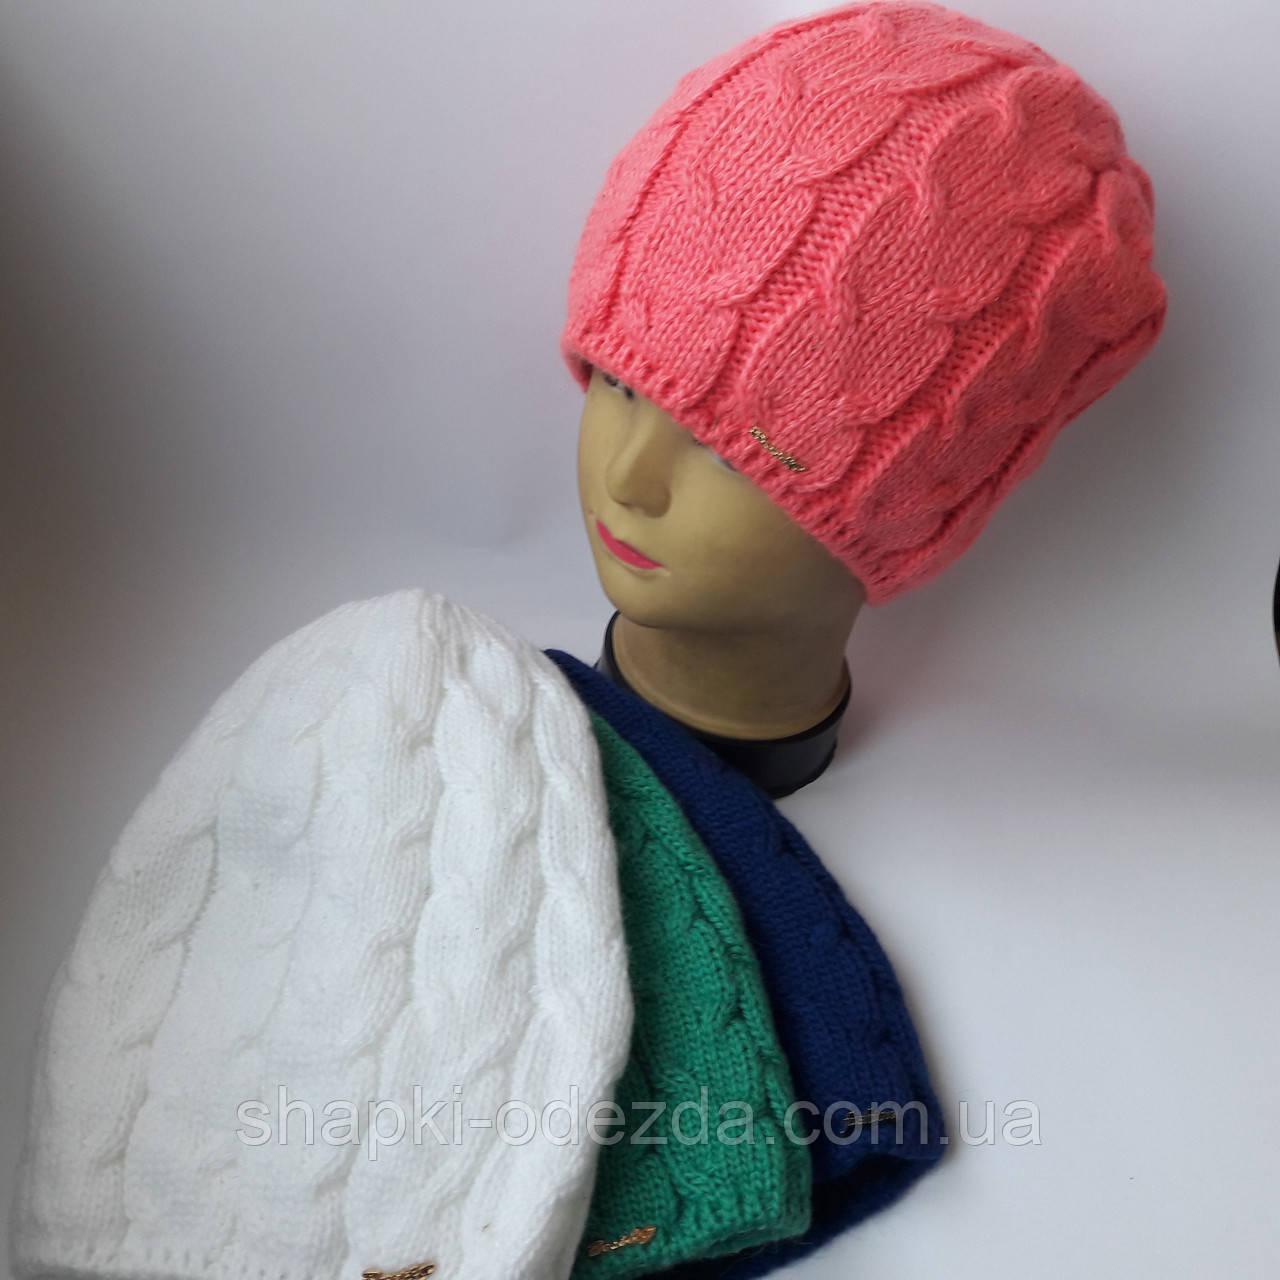 Молодежная вязаная шапка для девочки